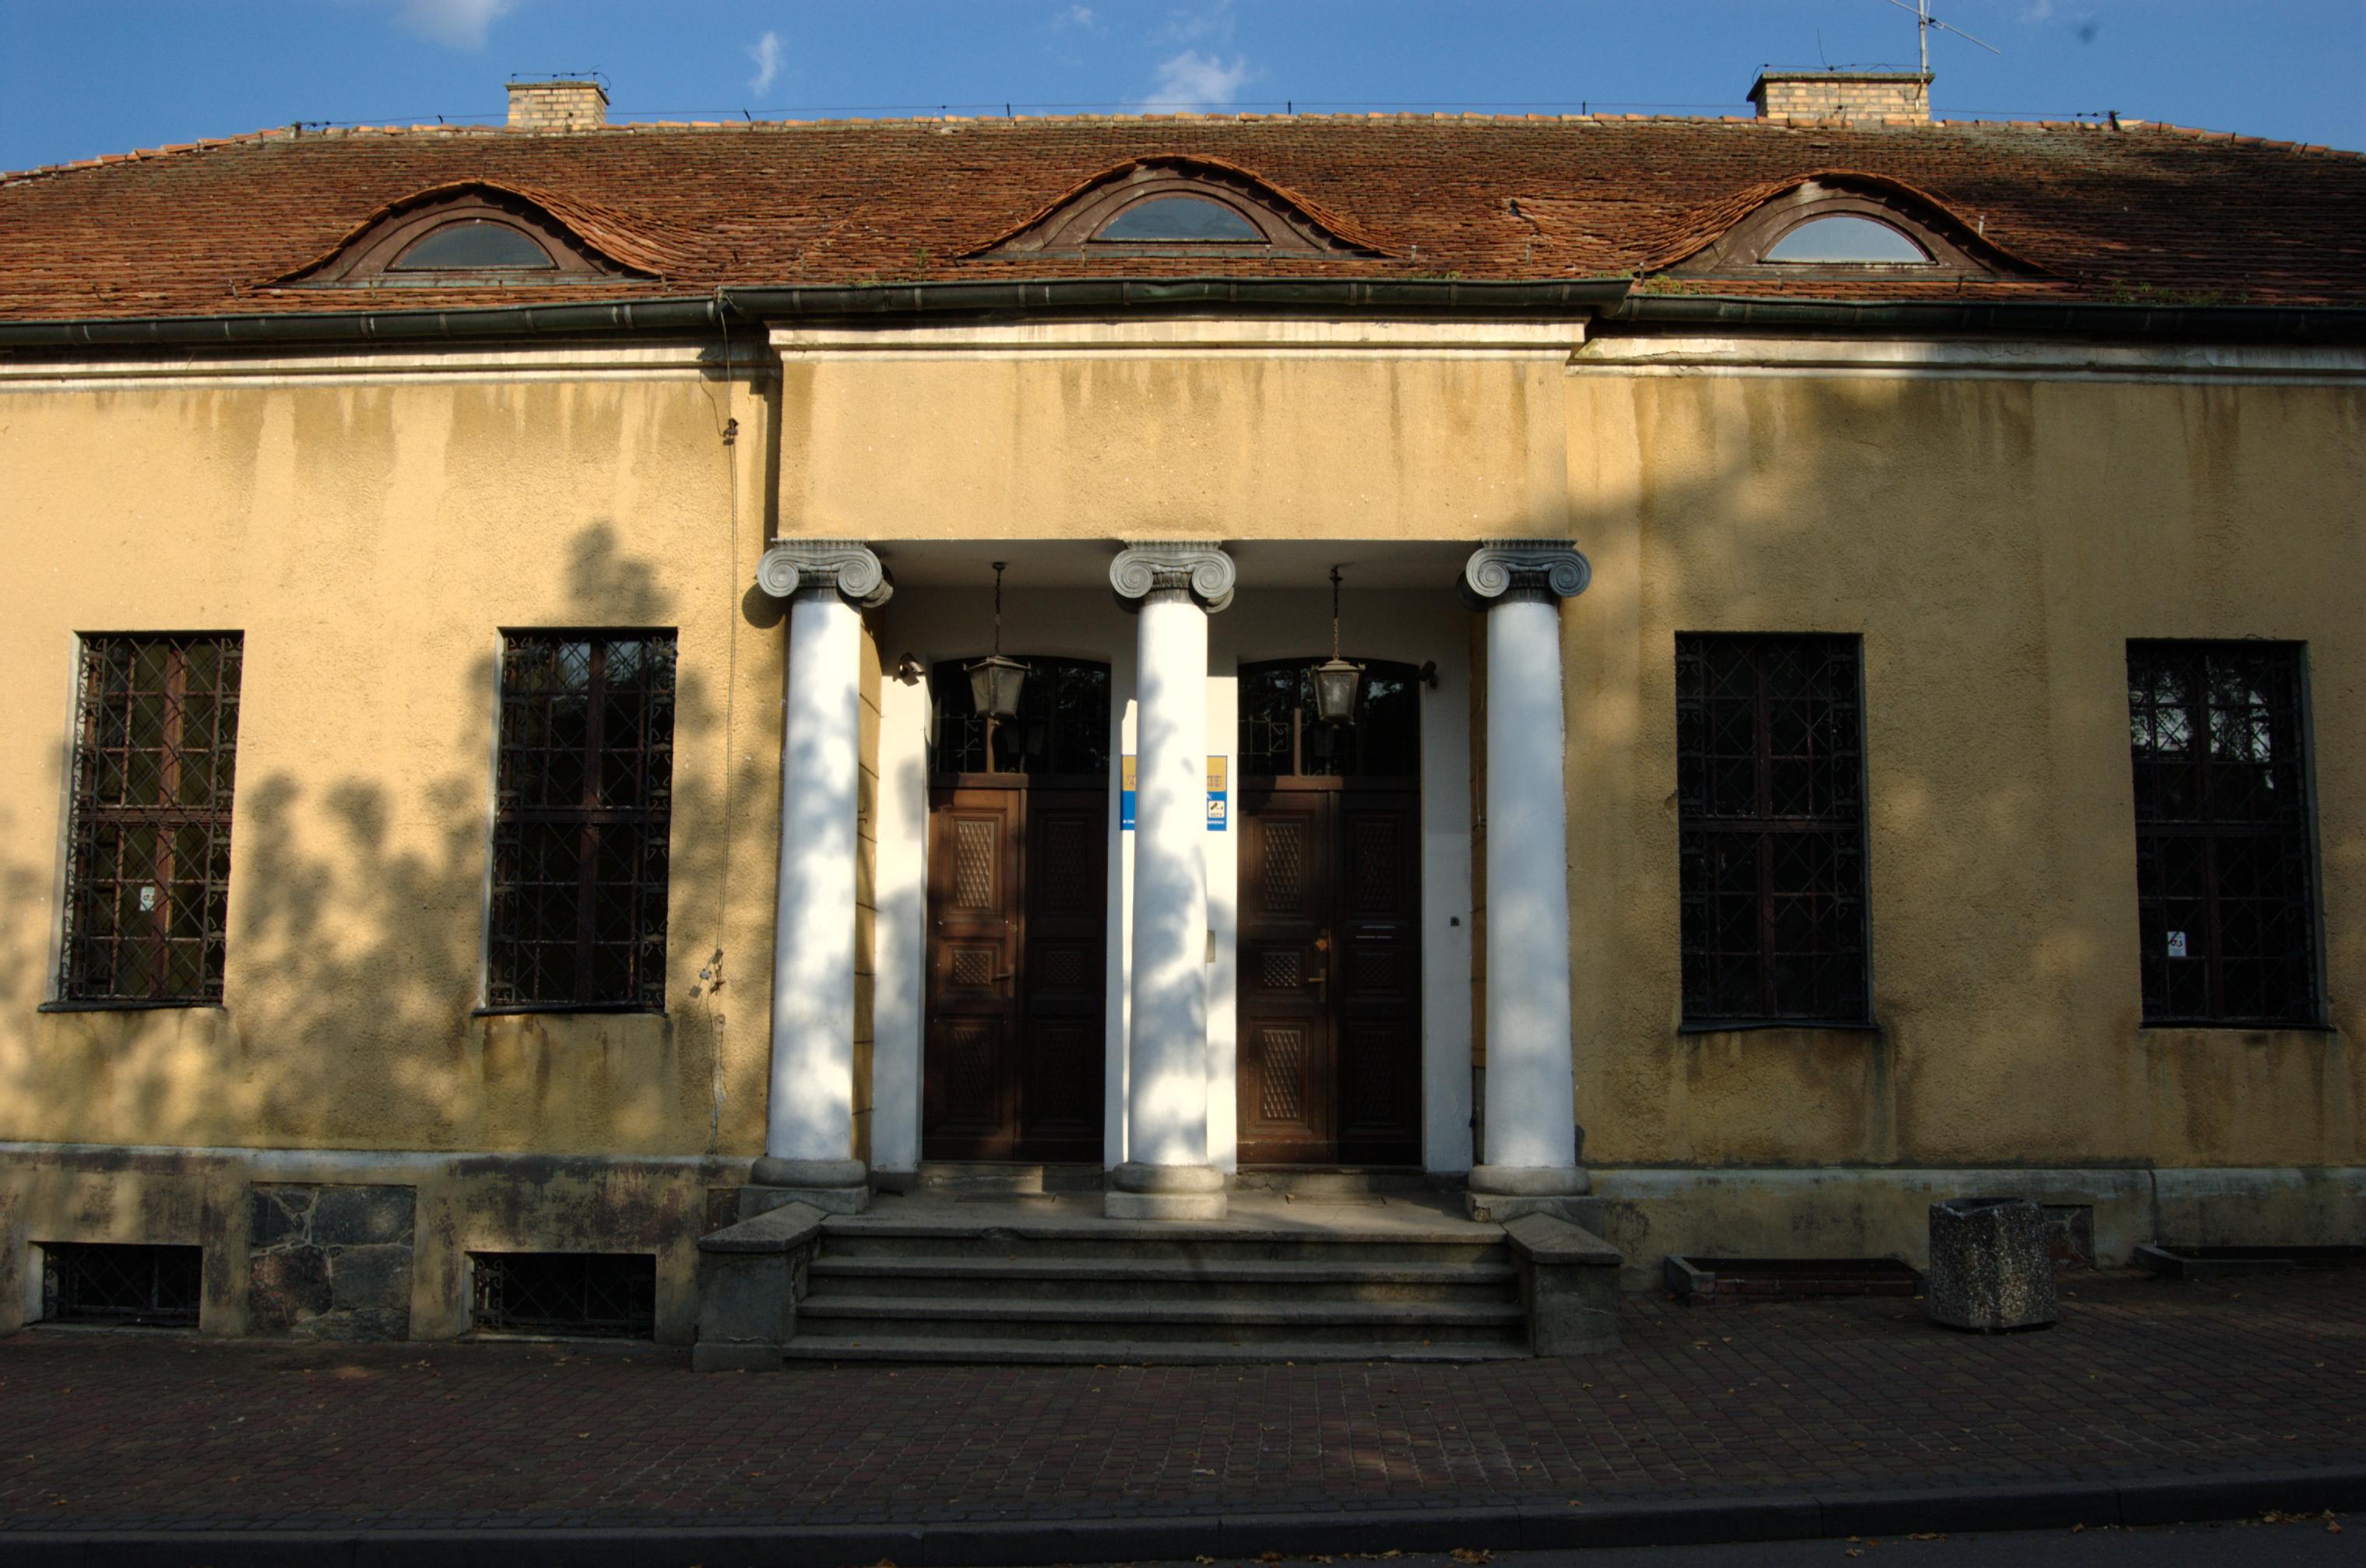 Plik:Wałcz, Muzeum Ziemi Wałeckiej 01.png – Wikipedia, wolna encyklopedia